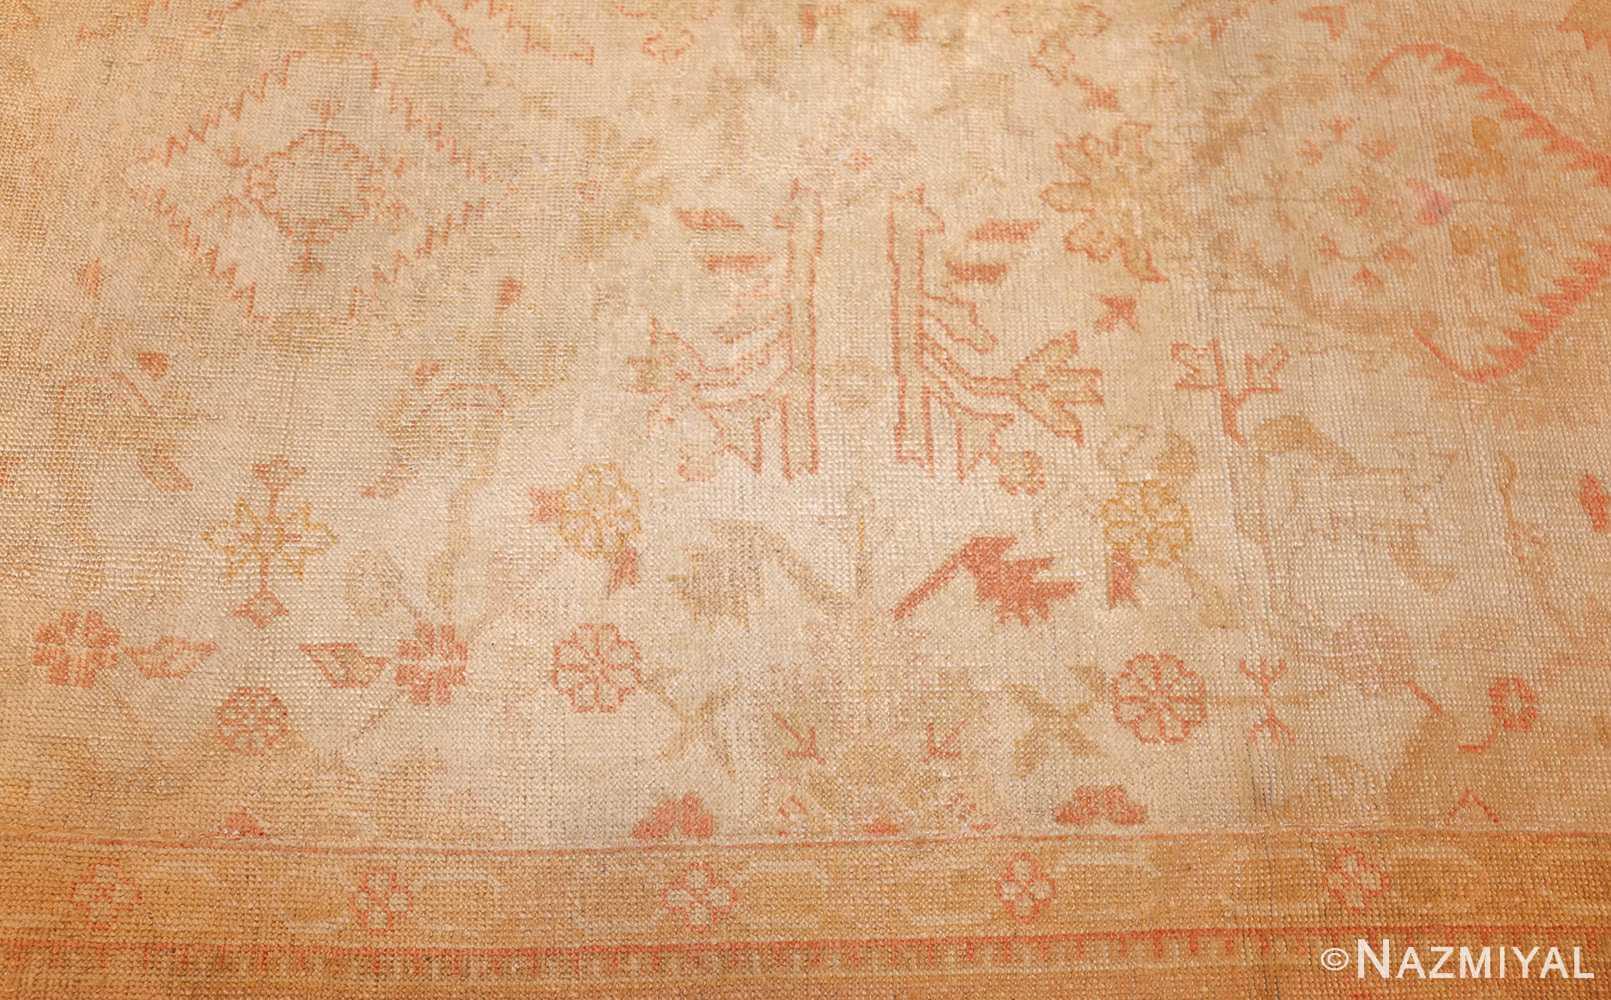 large square size antique decorative turkish oushak rug 48377 field Nazmiyal